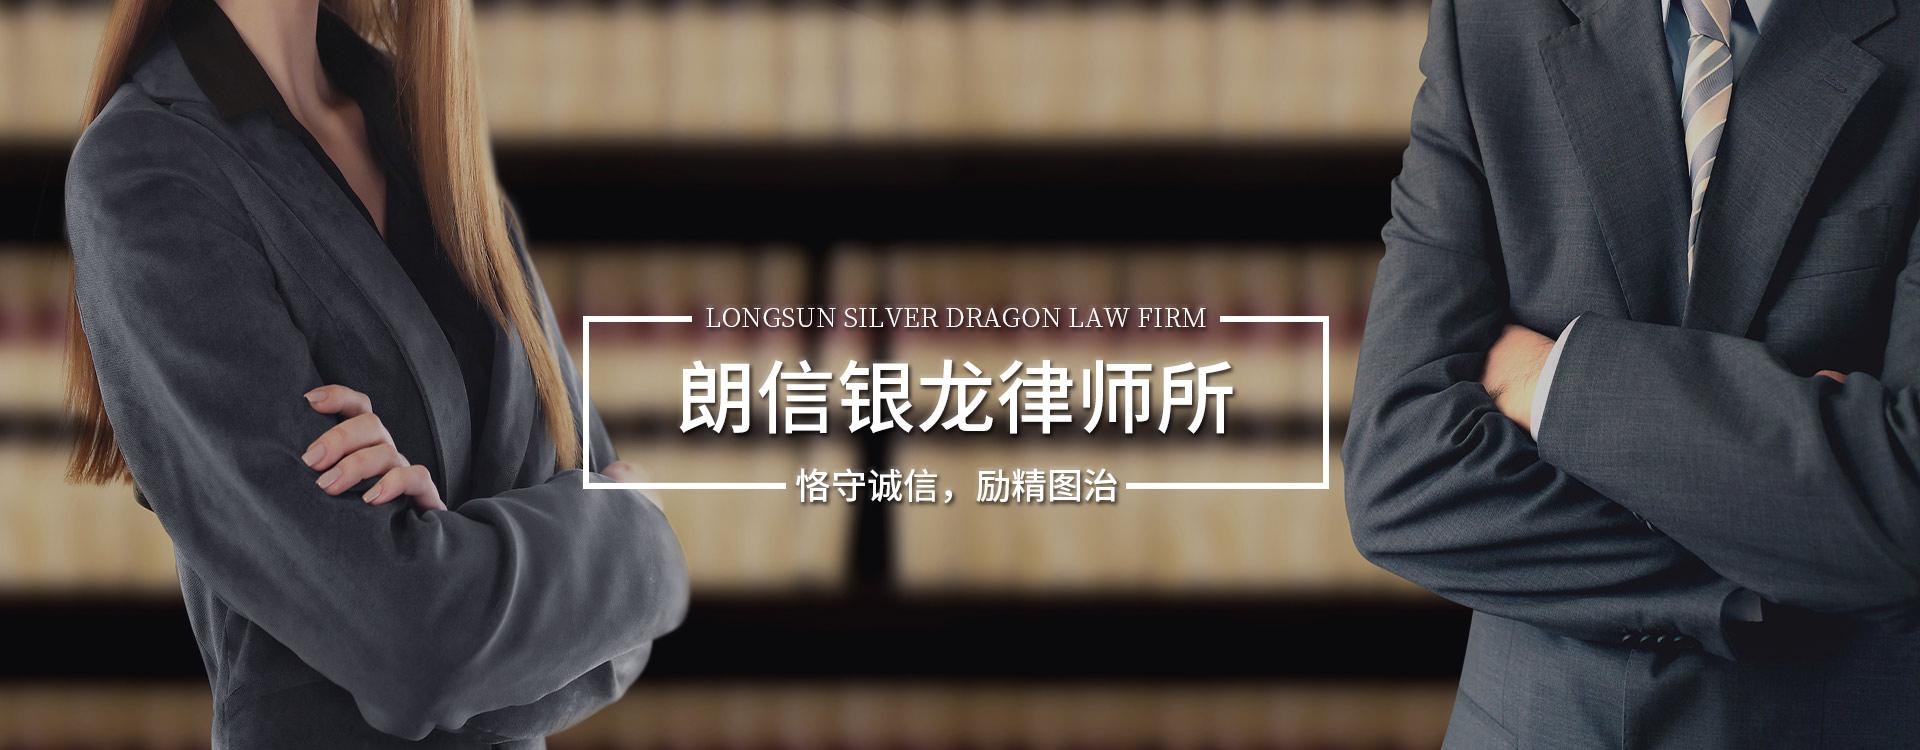 黑龙江万博网页版登录事务所